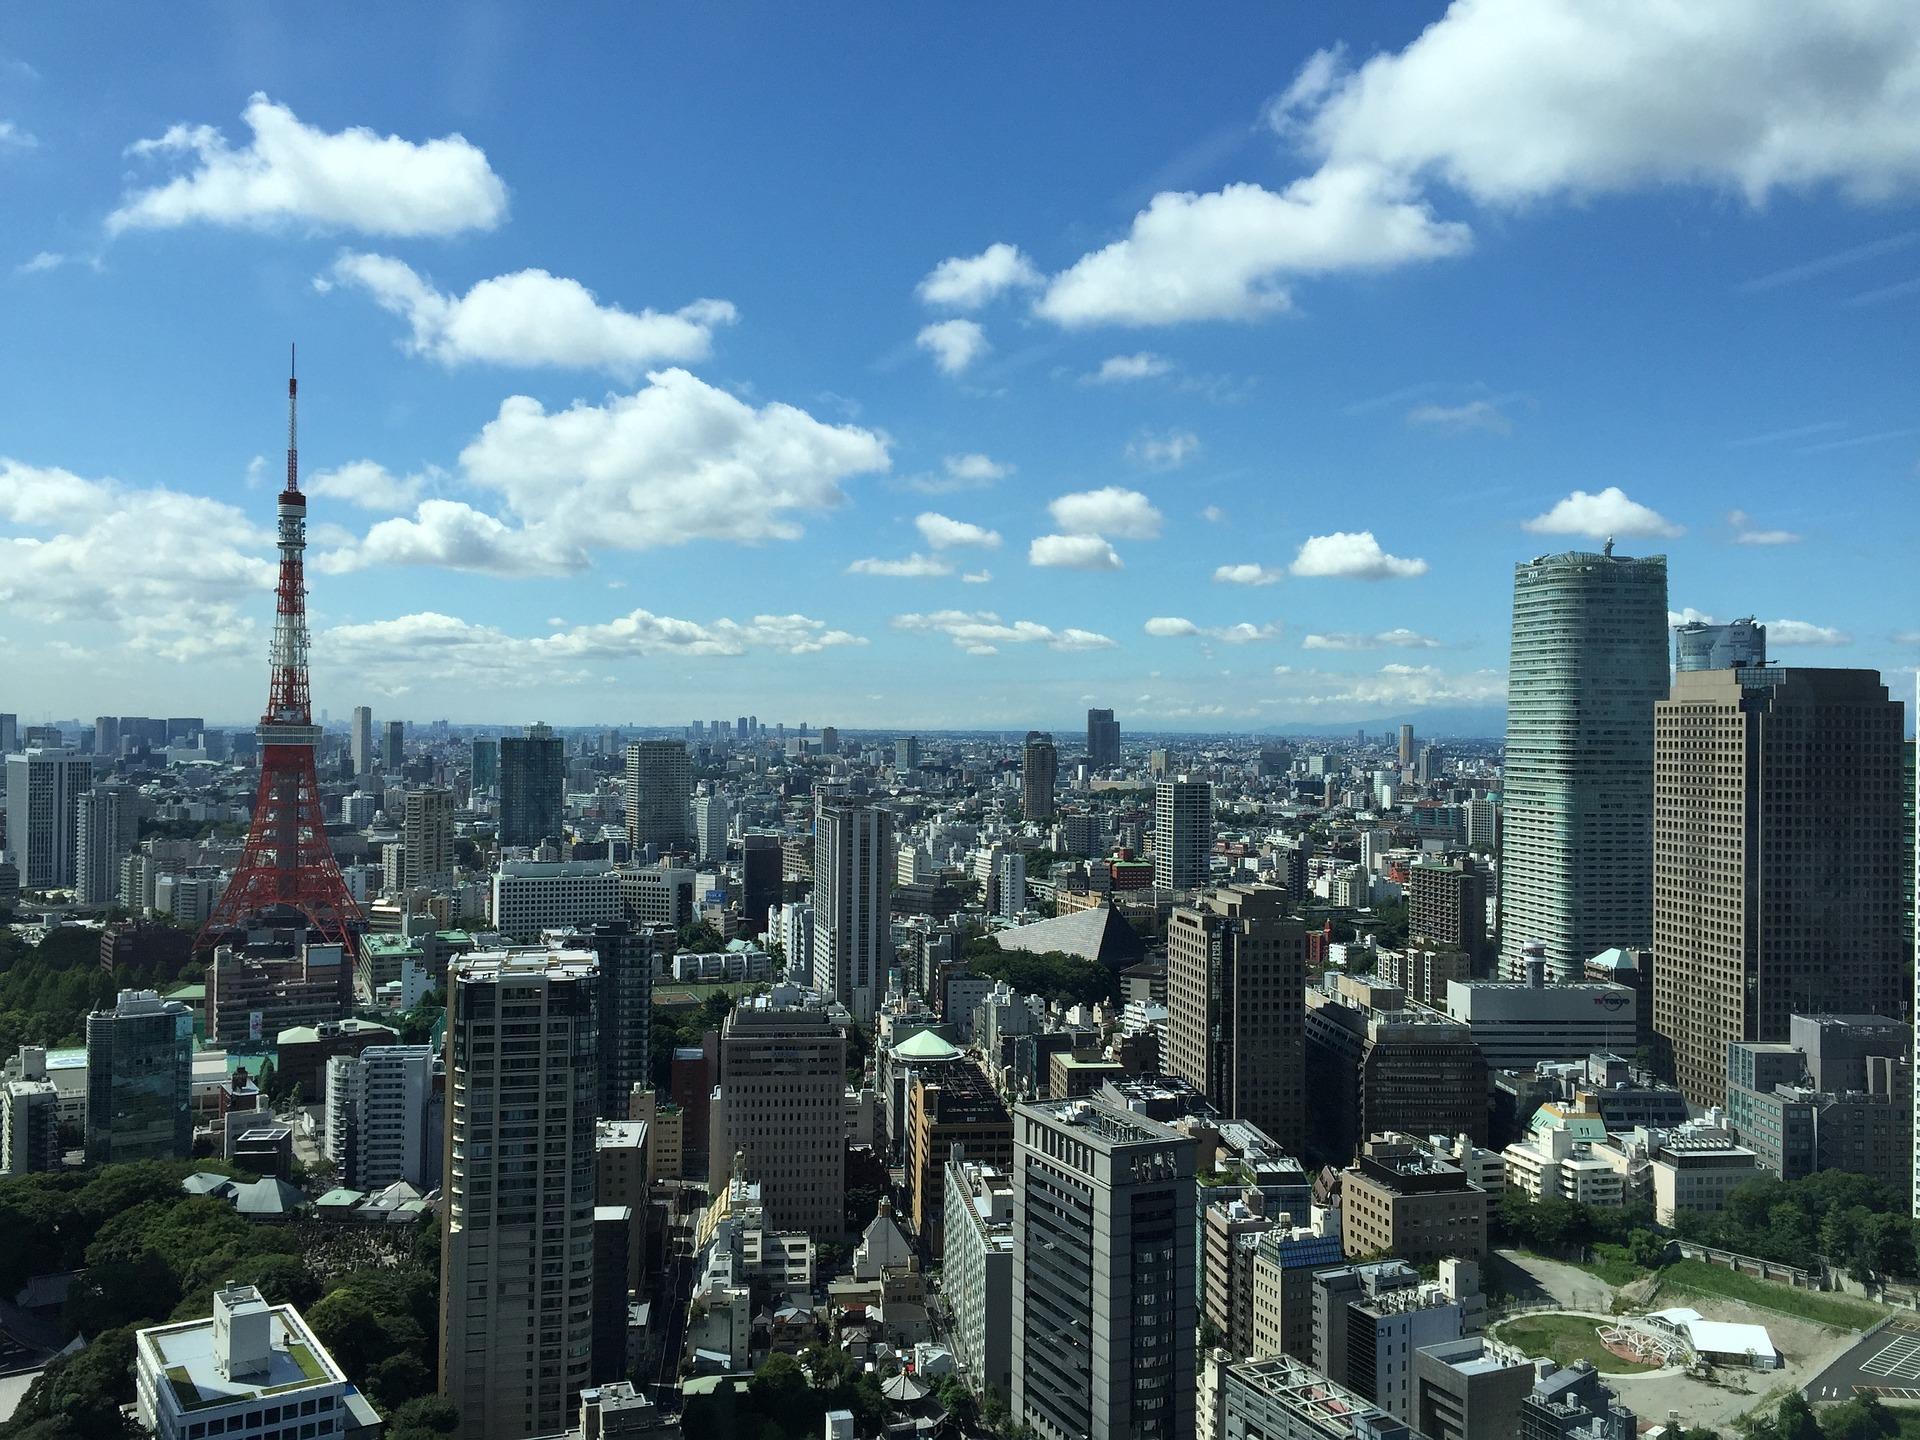 【短期】【高収入】【東京】3つのキーワードが気になるあなた!工場の期間工はどうですか?